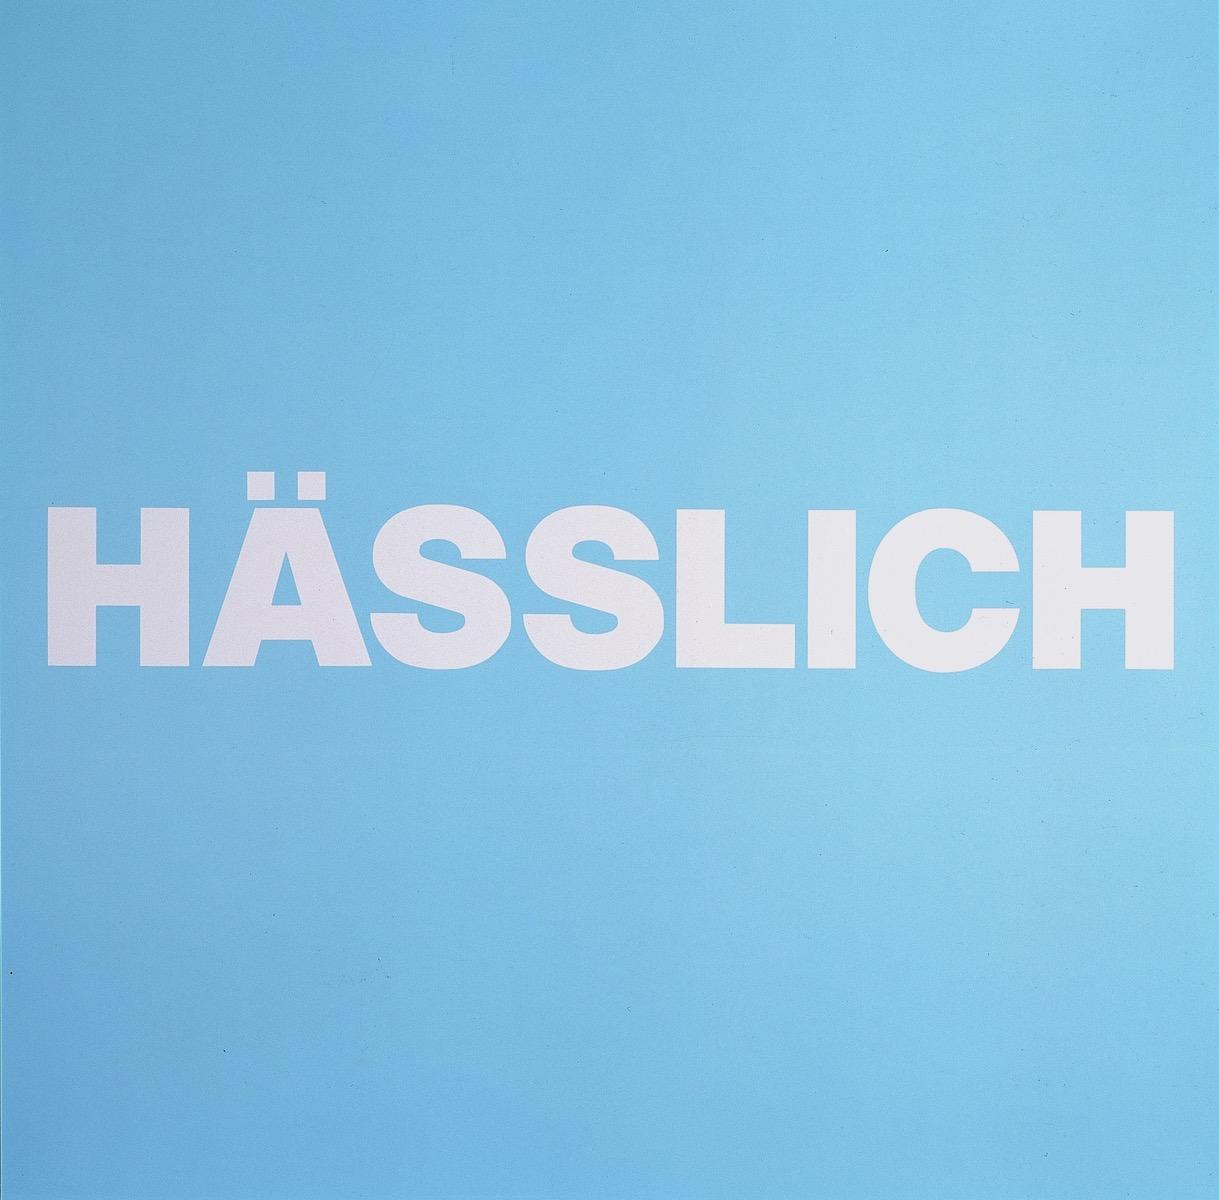 HÄSSLICH, BLAU | Affirmation tut gut | Angelika Beuler | 1992